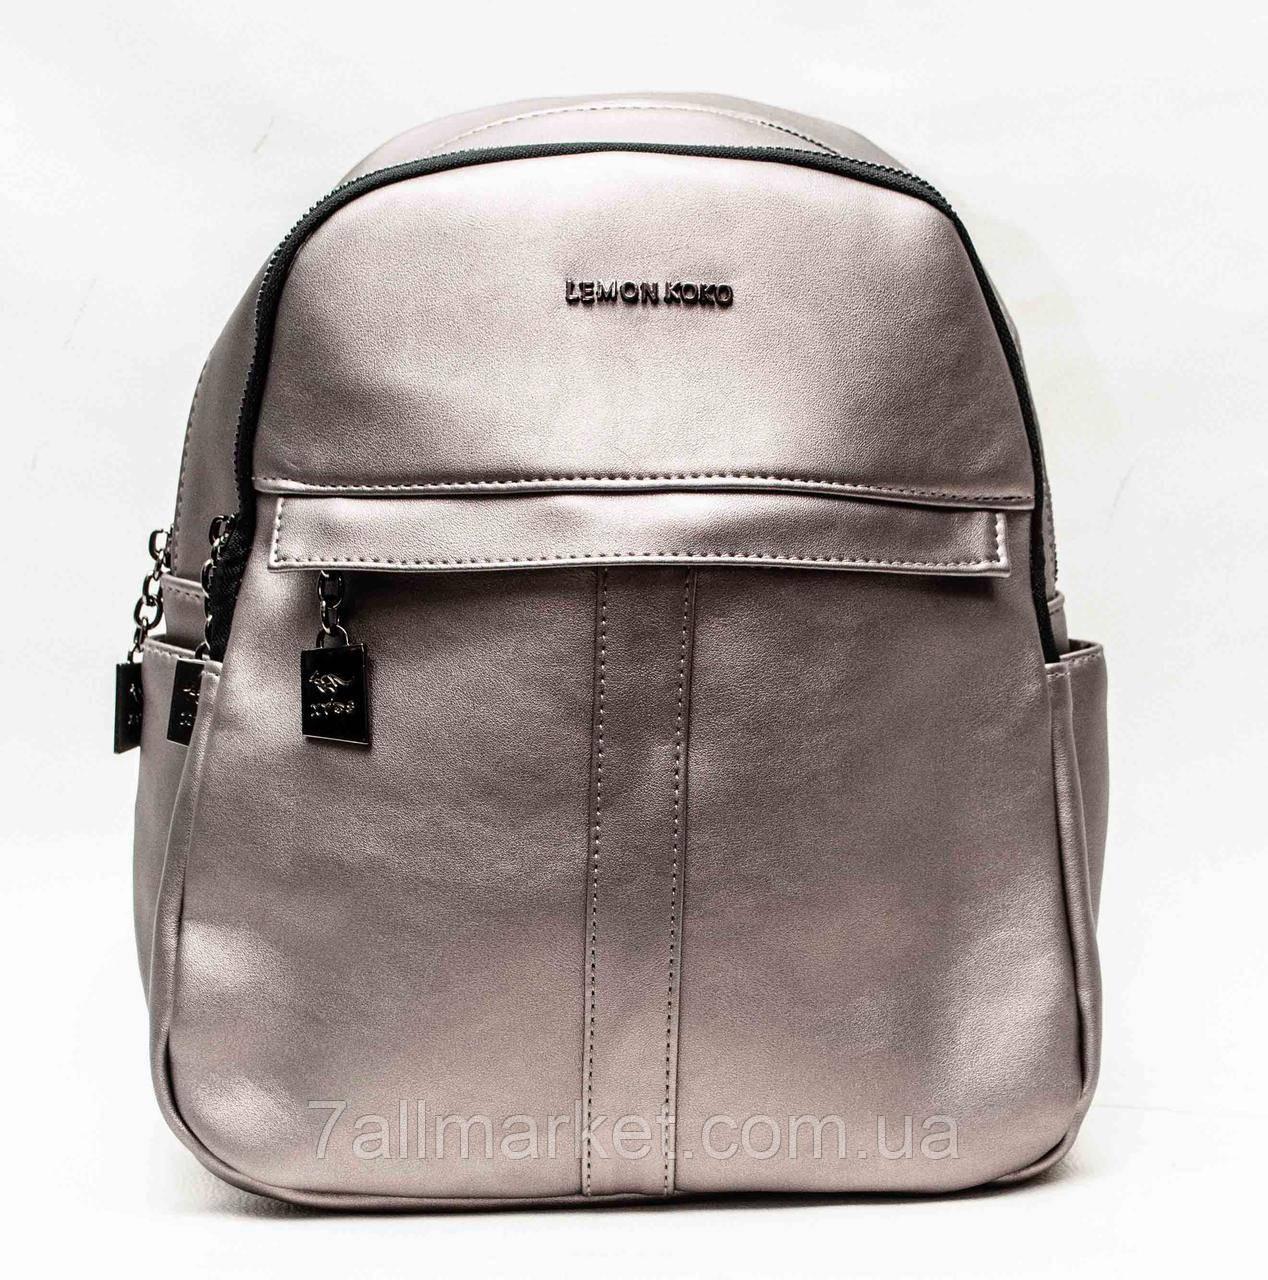 f9c2f2b75161 Рюкзак женский оригинальный, экокожа, р. 30*23 см (6 цв)